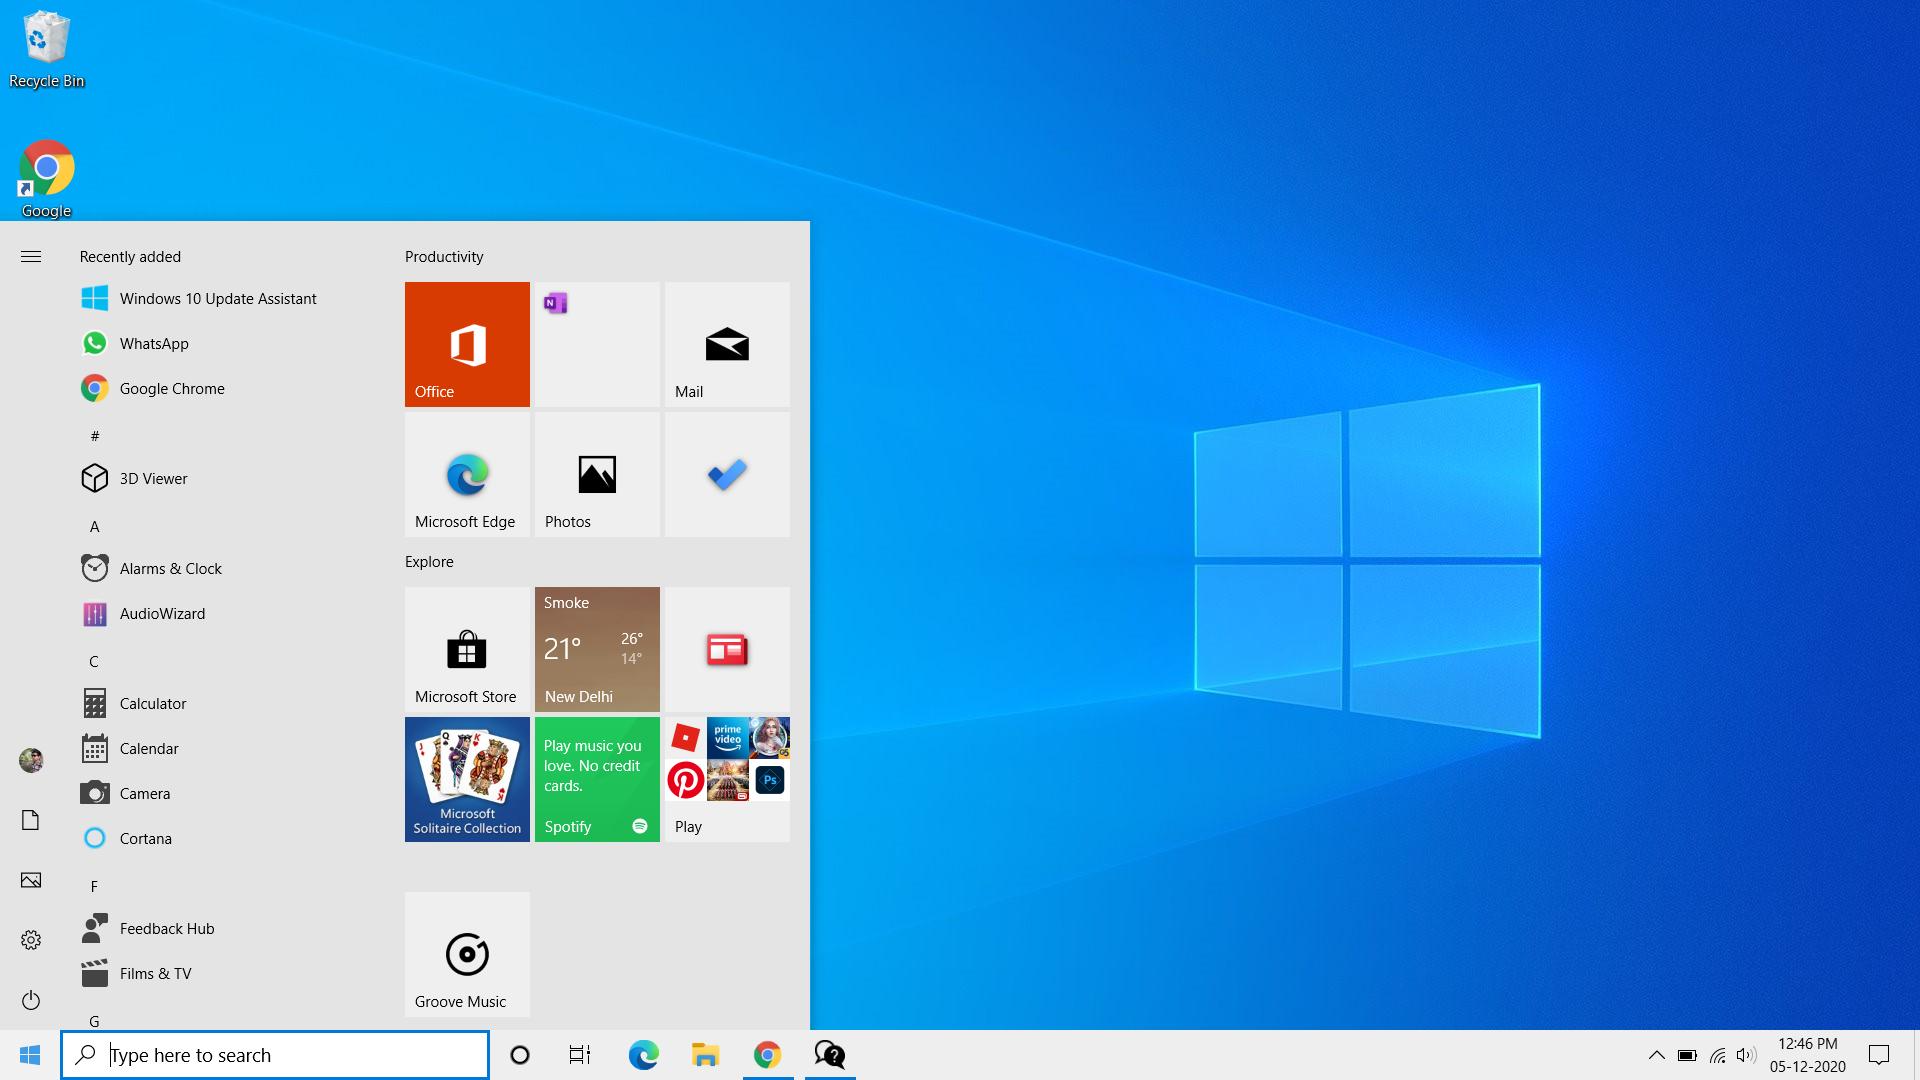 Colorless Icons in start menu 65e31fff-1255-496f-a52b-f84c86e2420d?upload=true.png